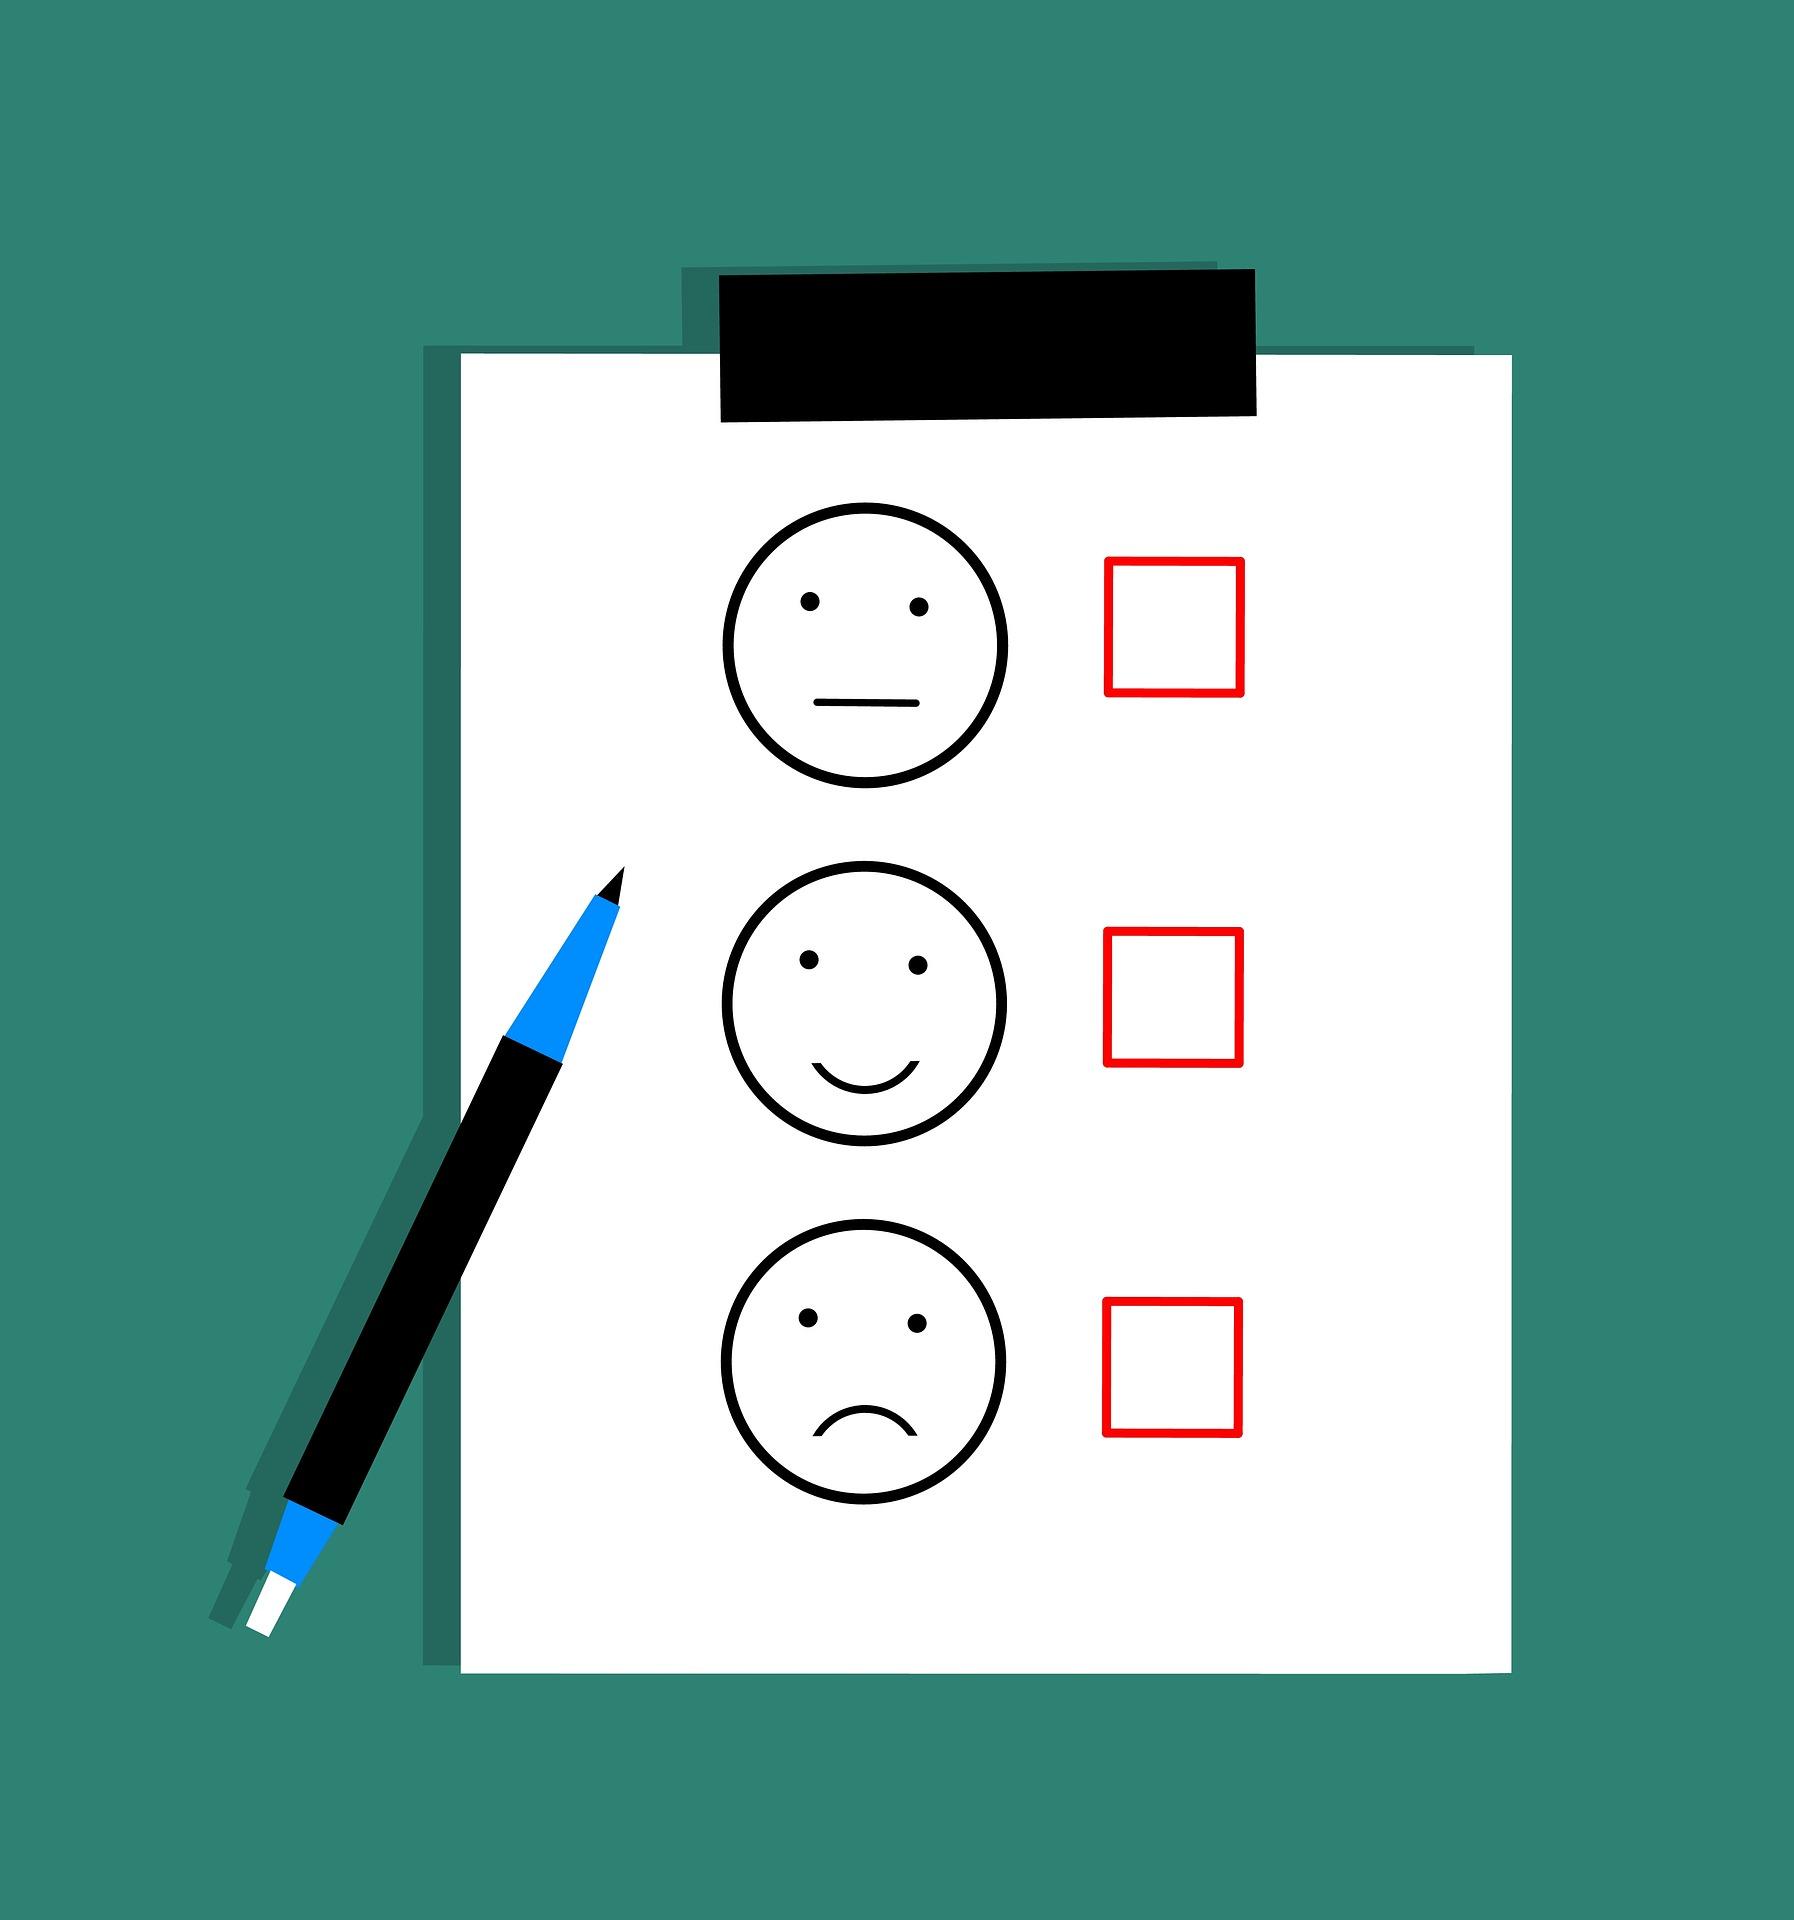 Complete Survey - After your last college visit, please complete our quick survey.